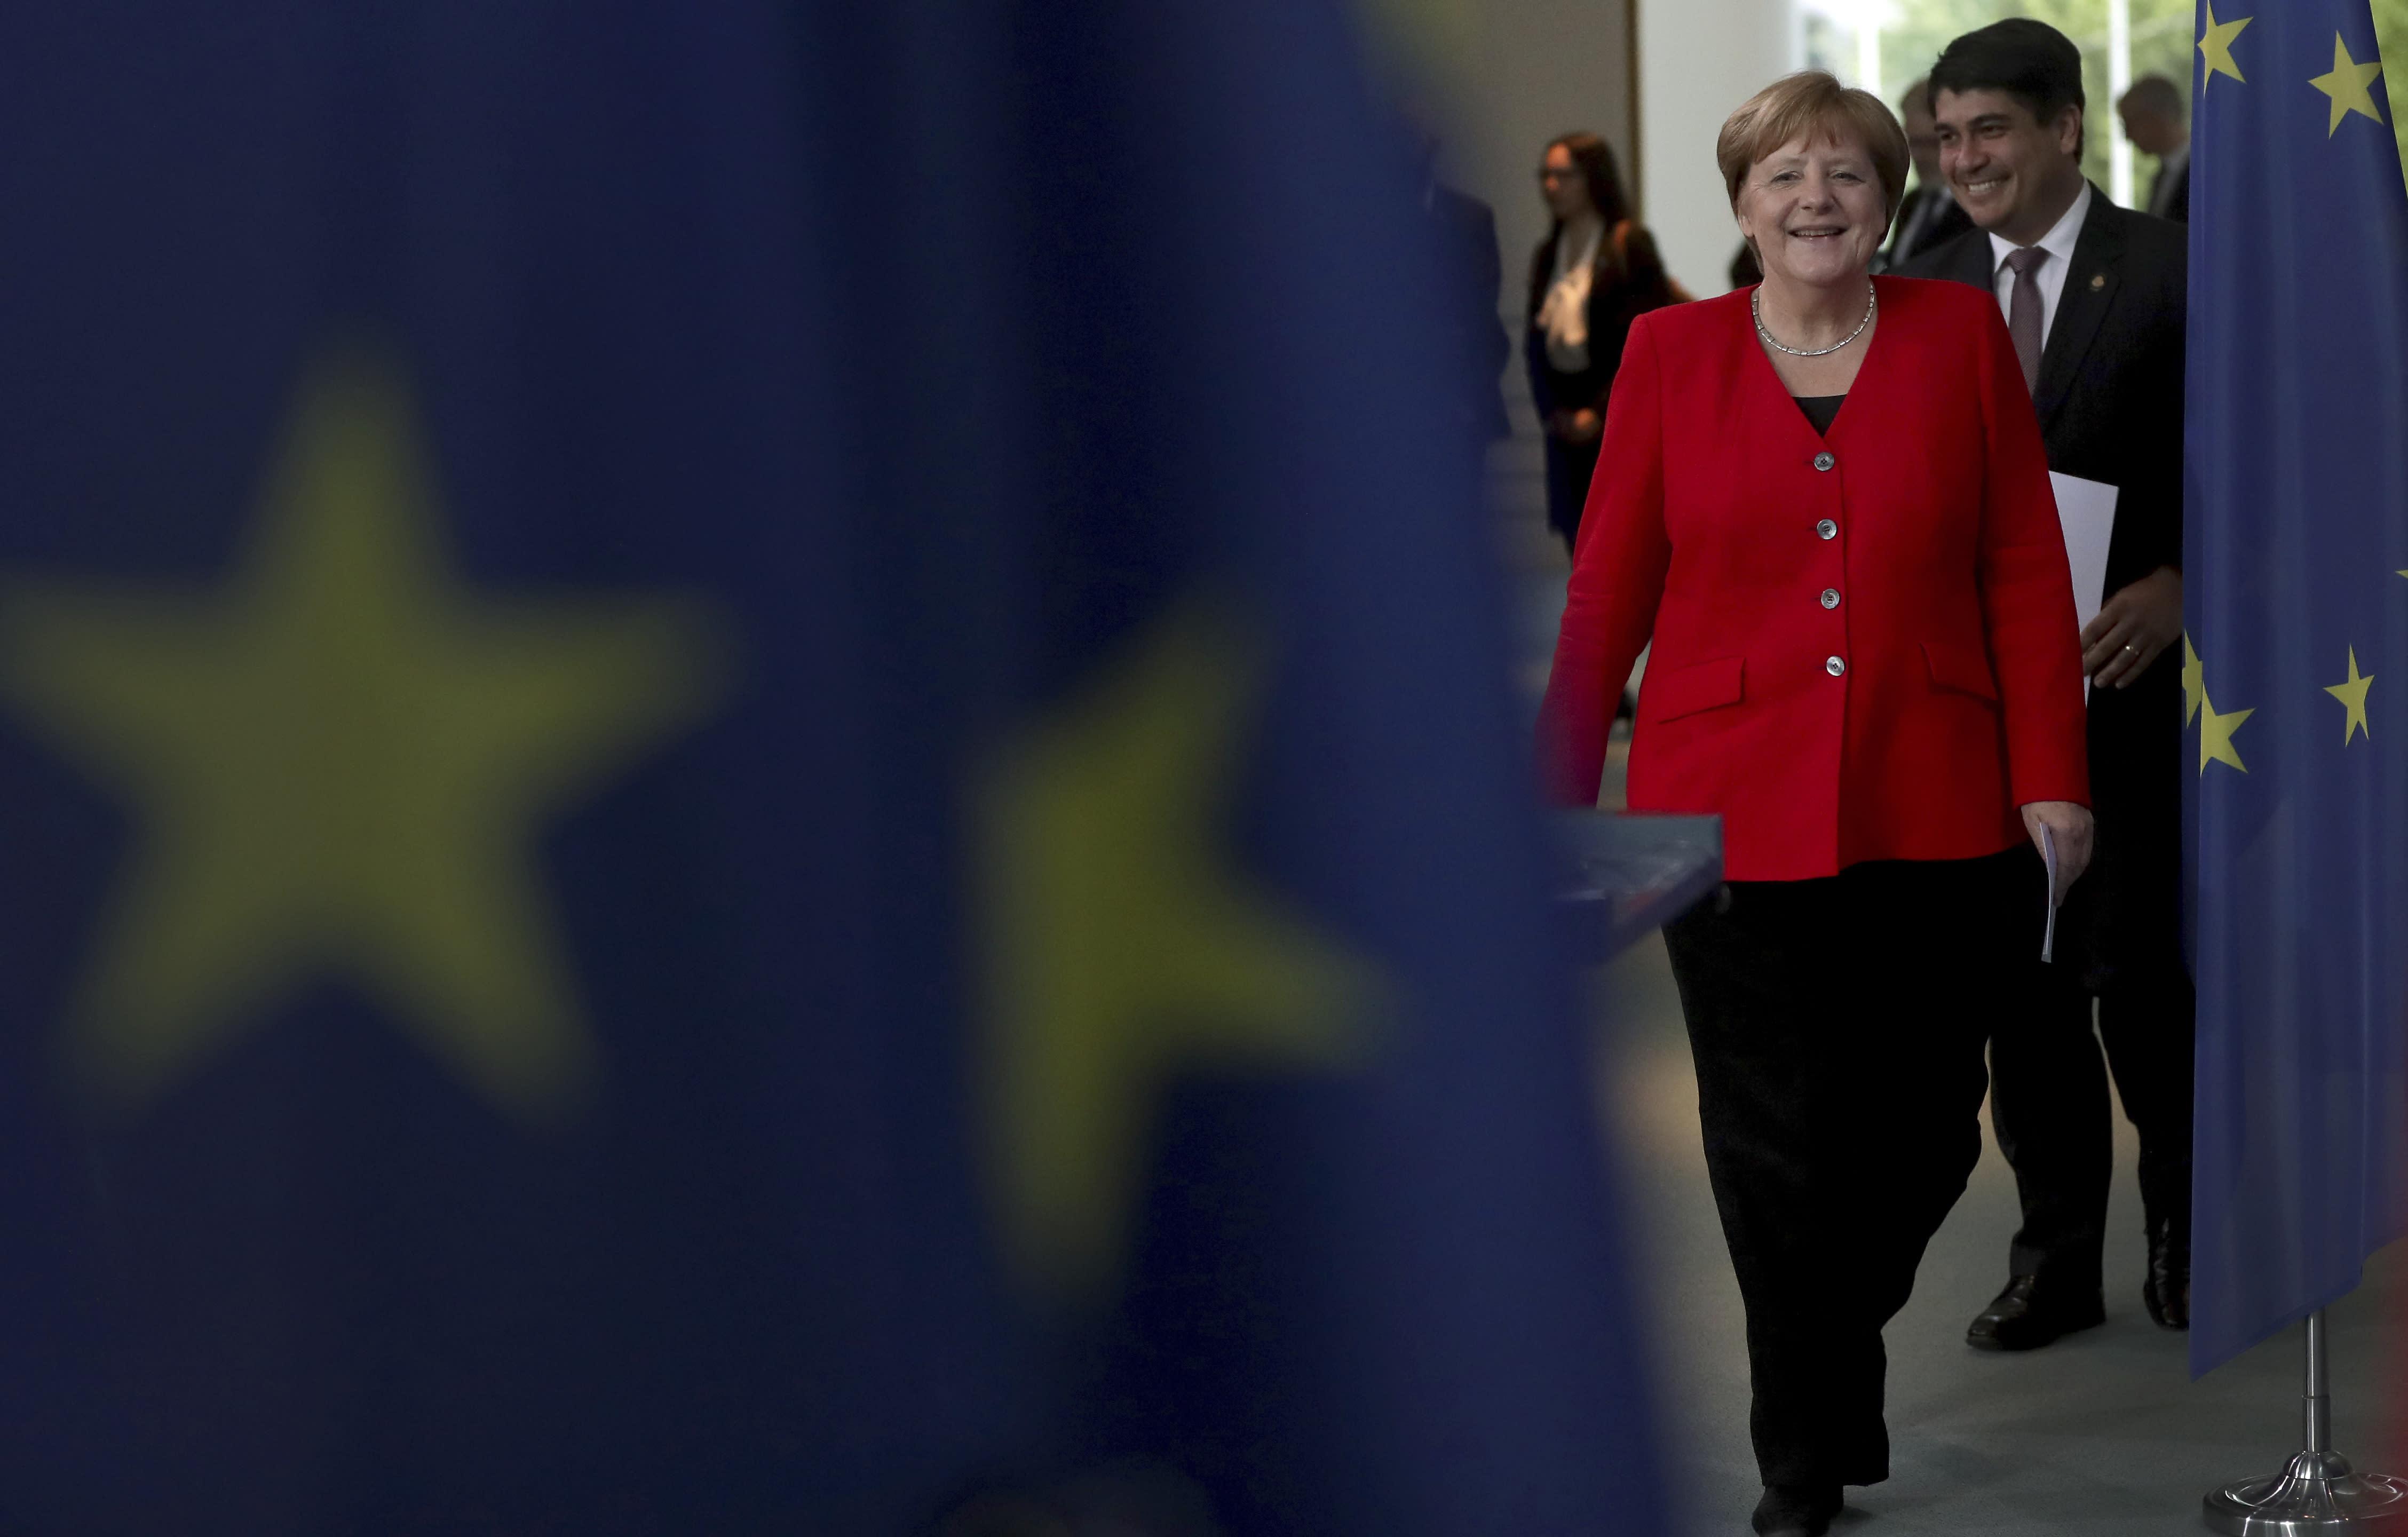 Angela Alvarado merkel warns of populists' rise in europe